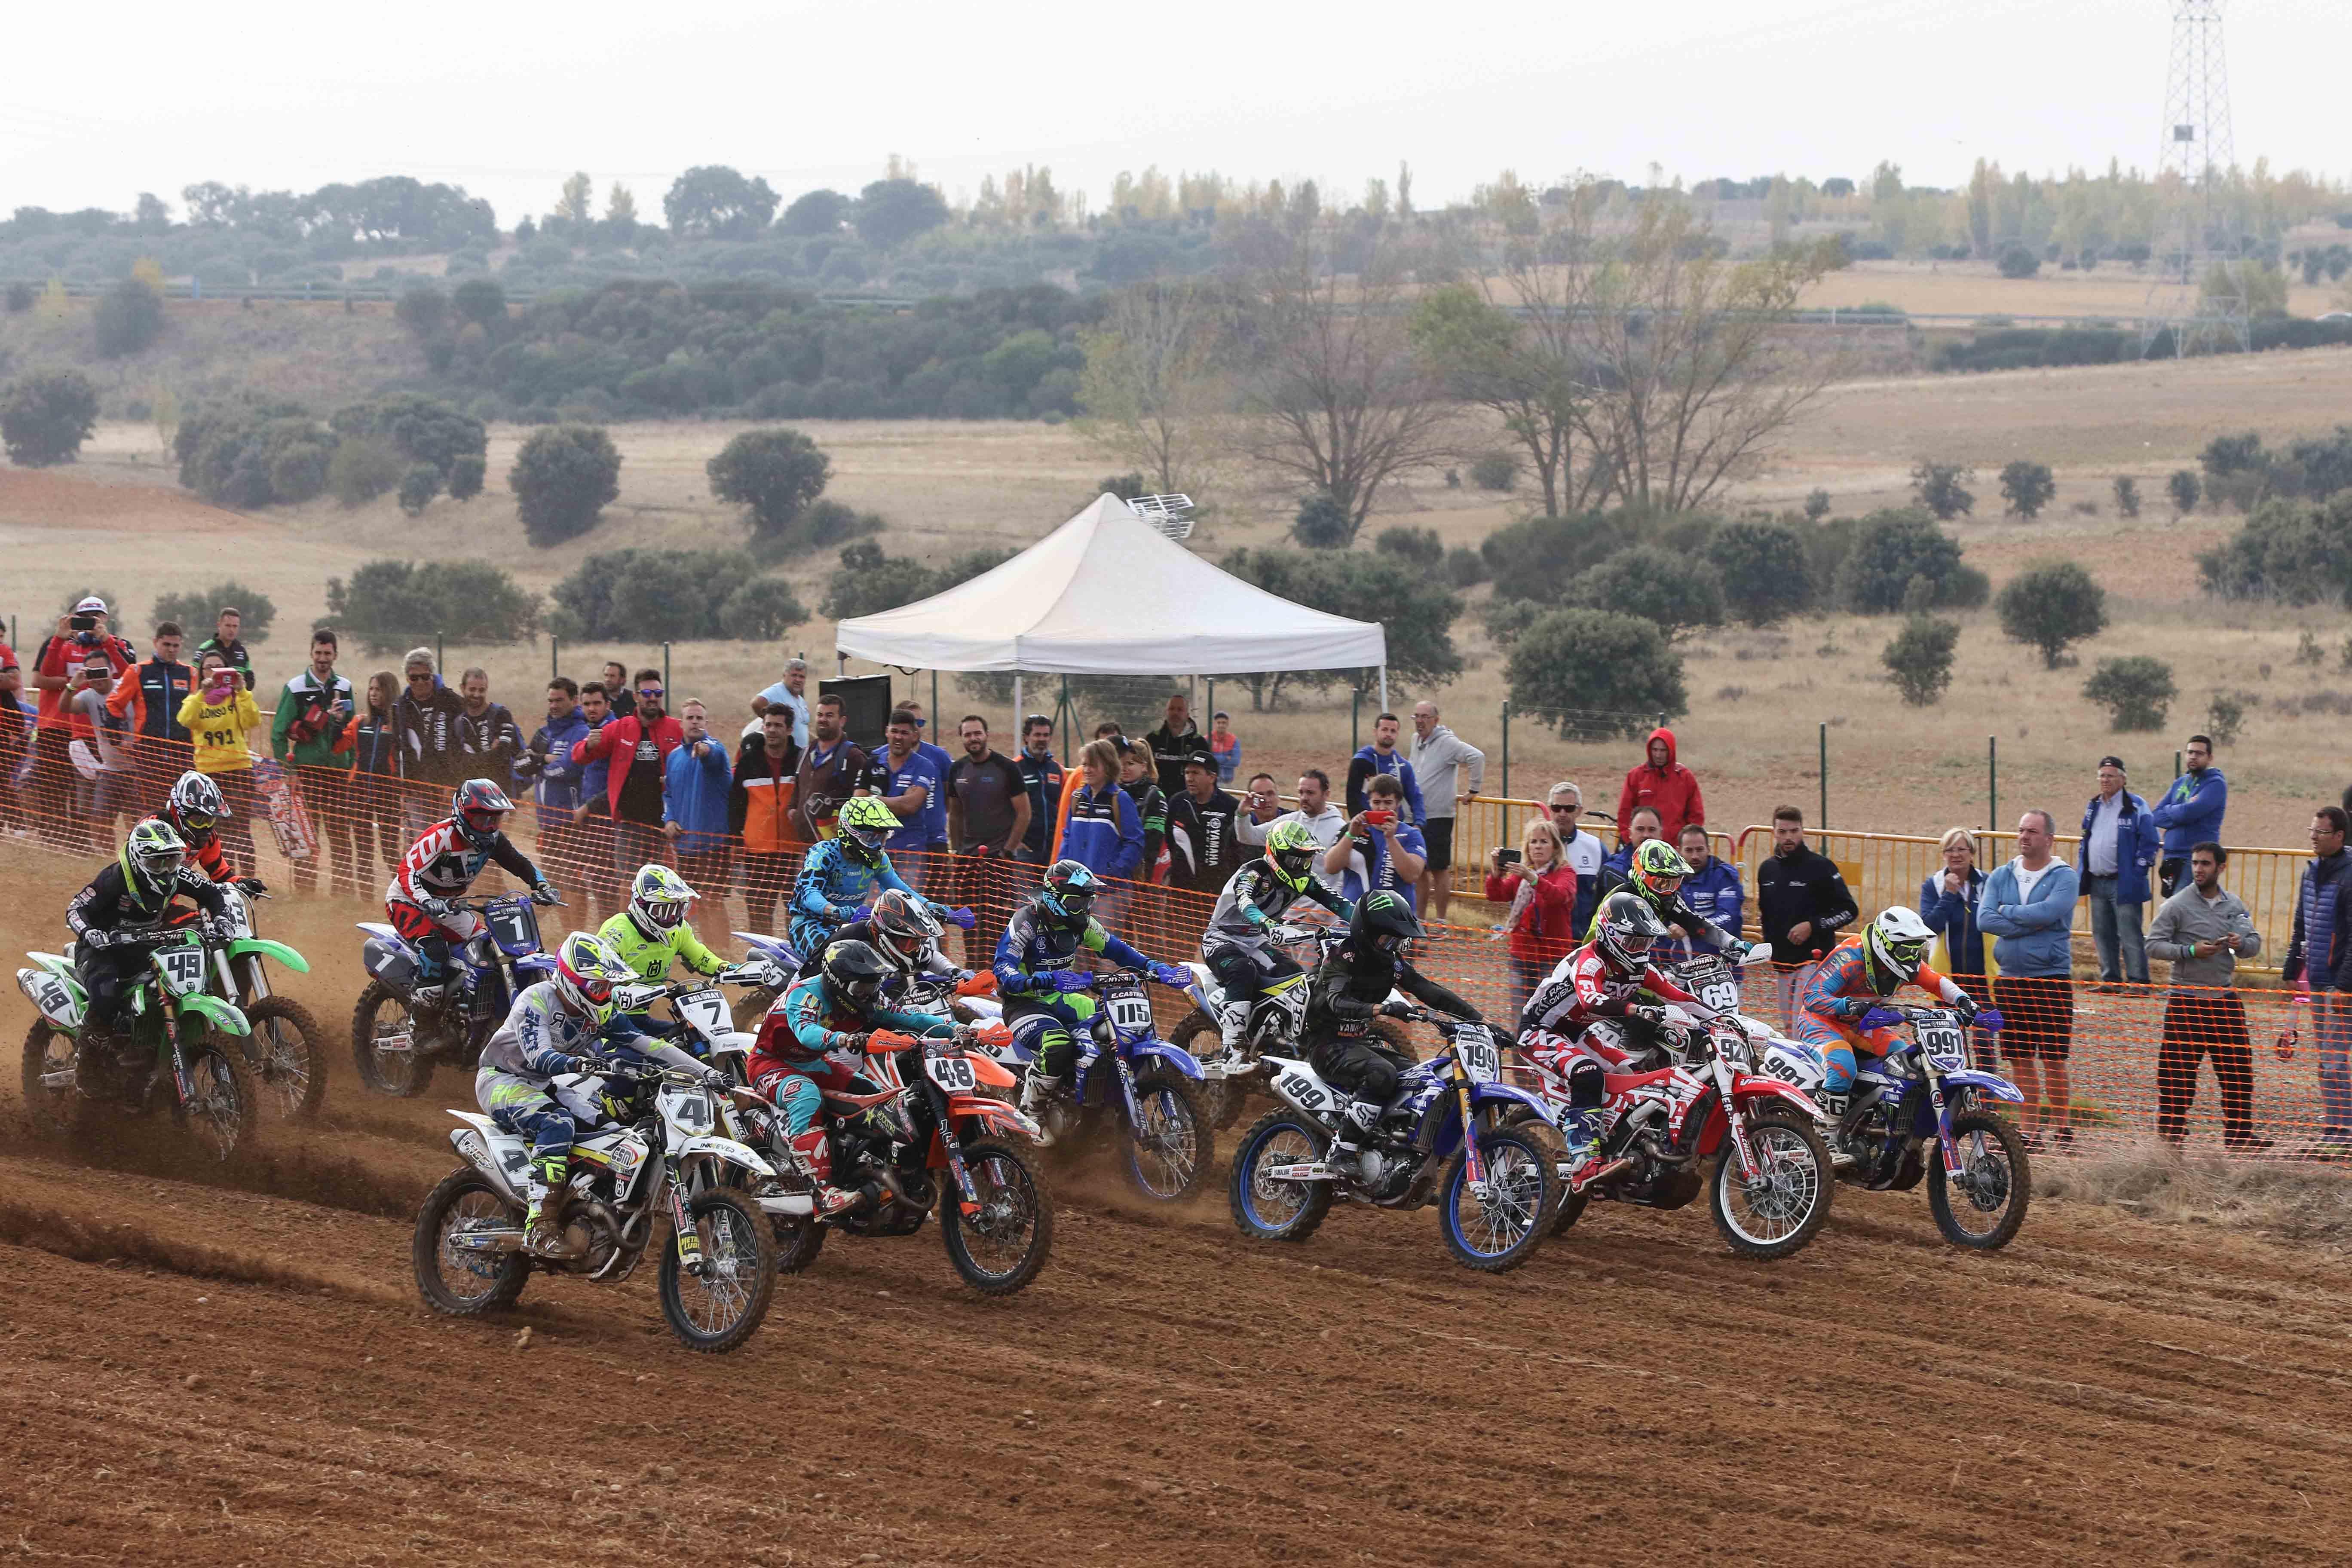 Circuito La Bañeza : Motocross de las autonomías quiénes serán los mejores